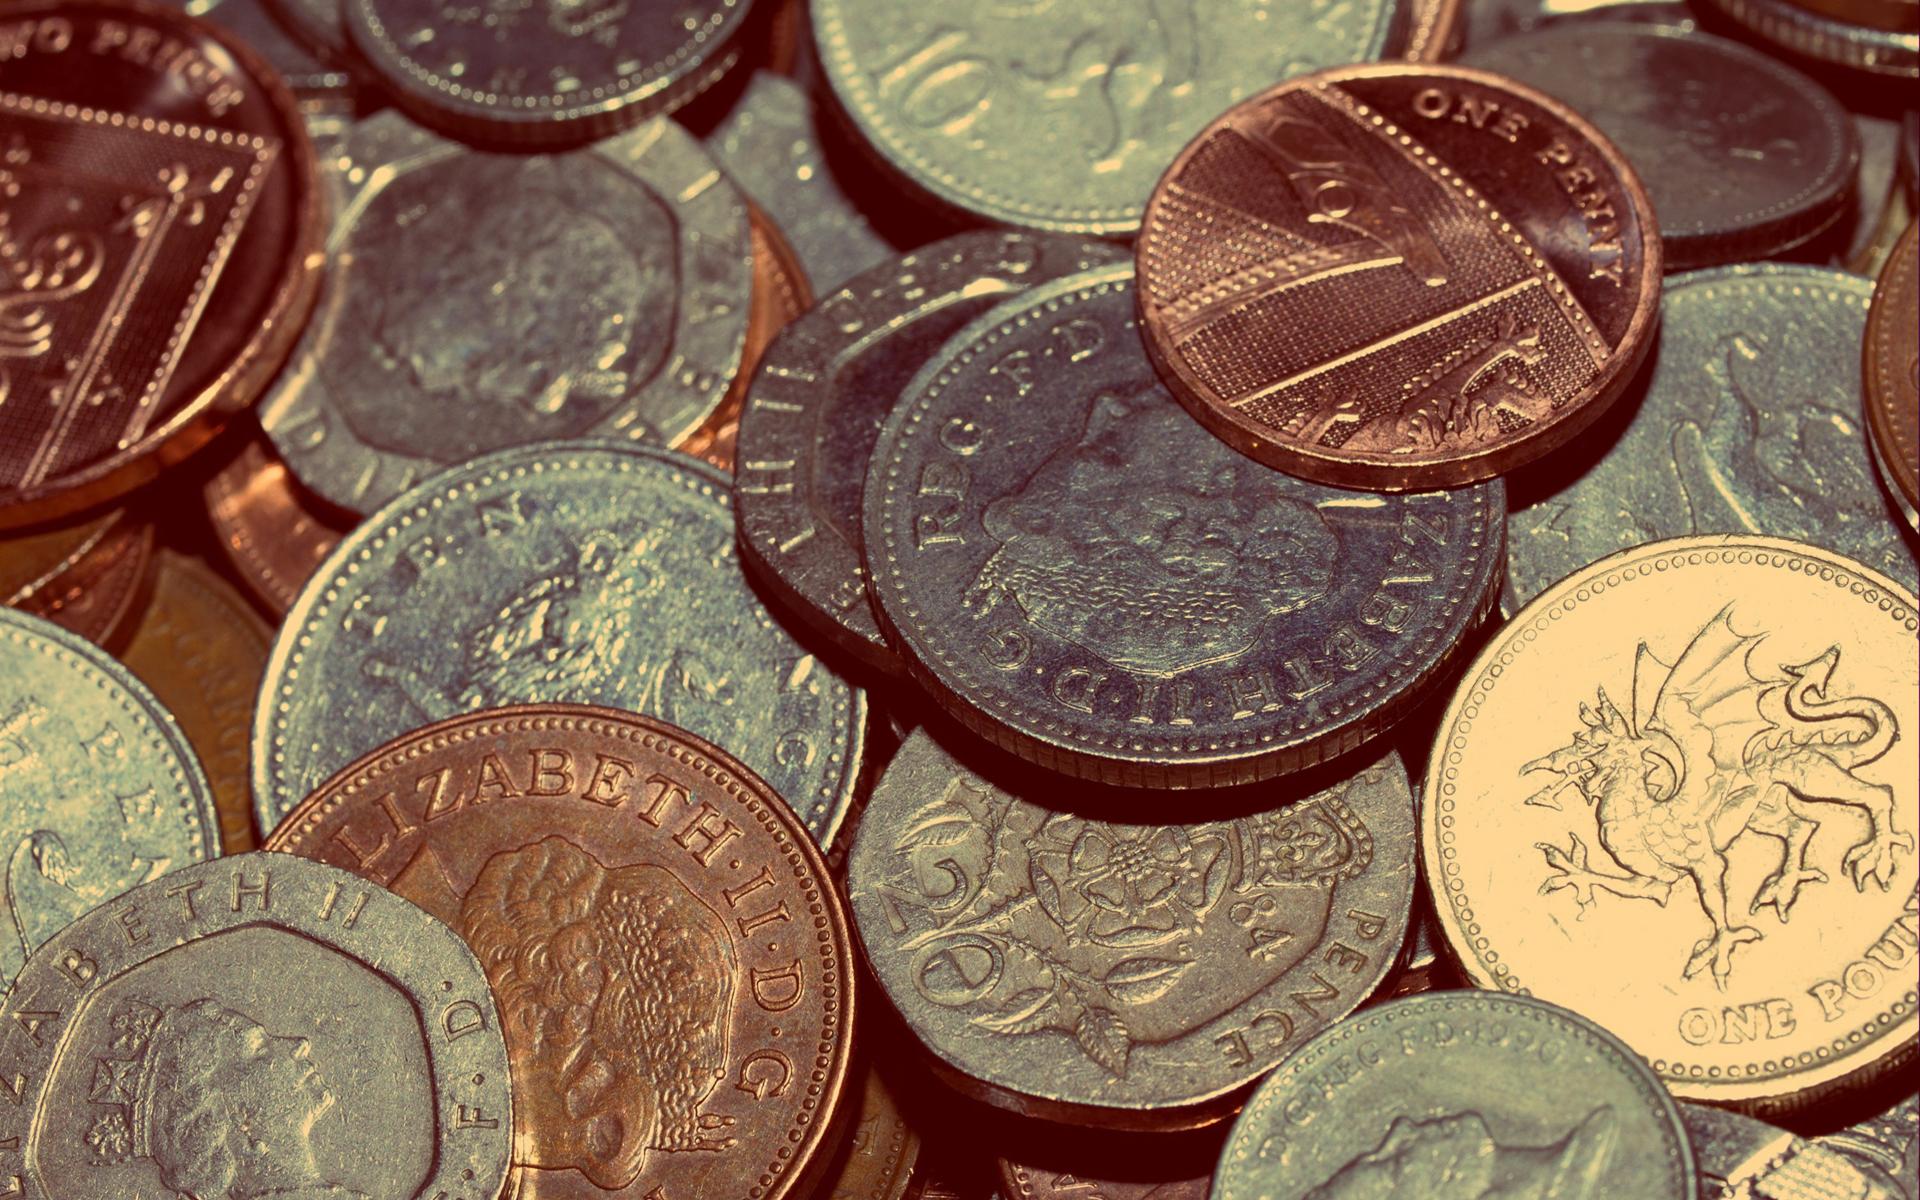 coins desktop wallpaper hd 49520